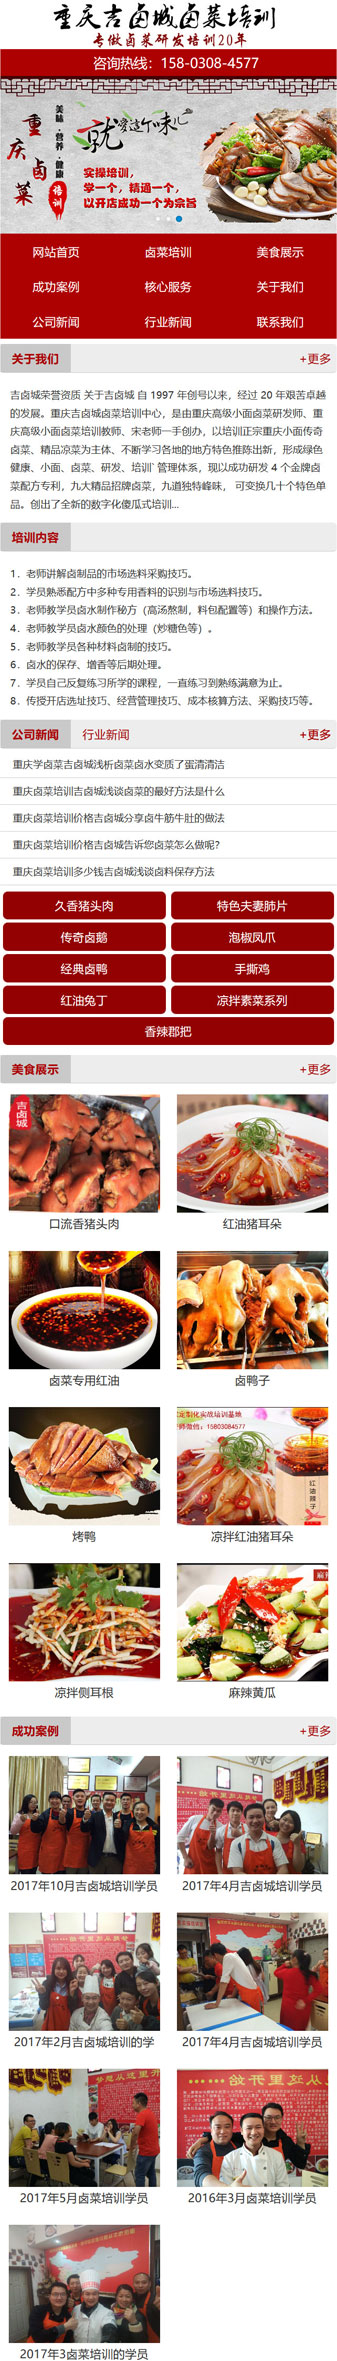 重庆吉卤城卤菜培训网站建设案例